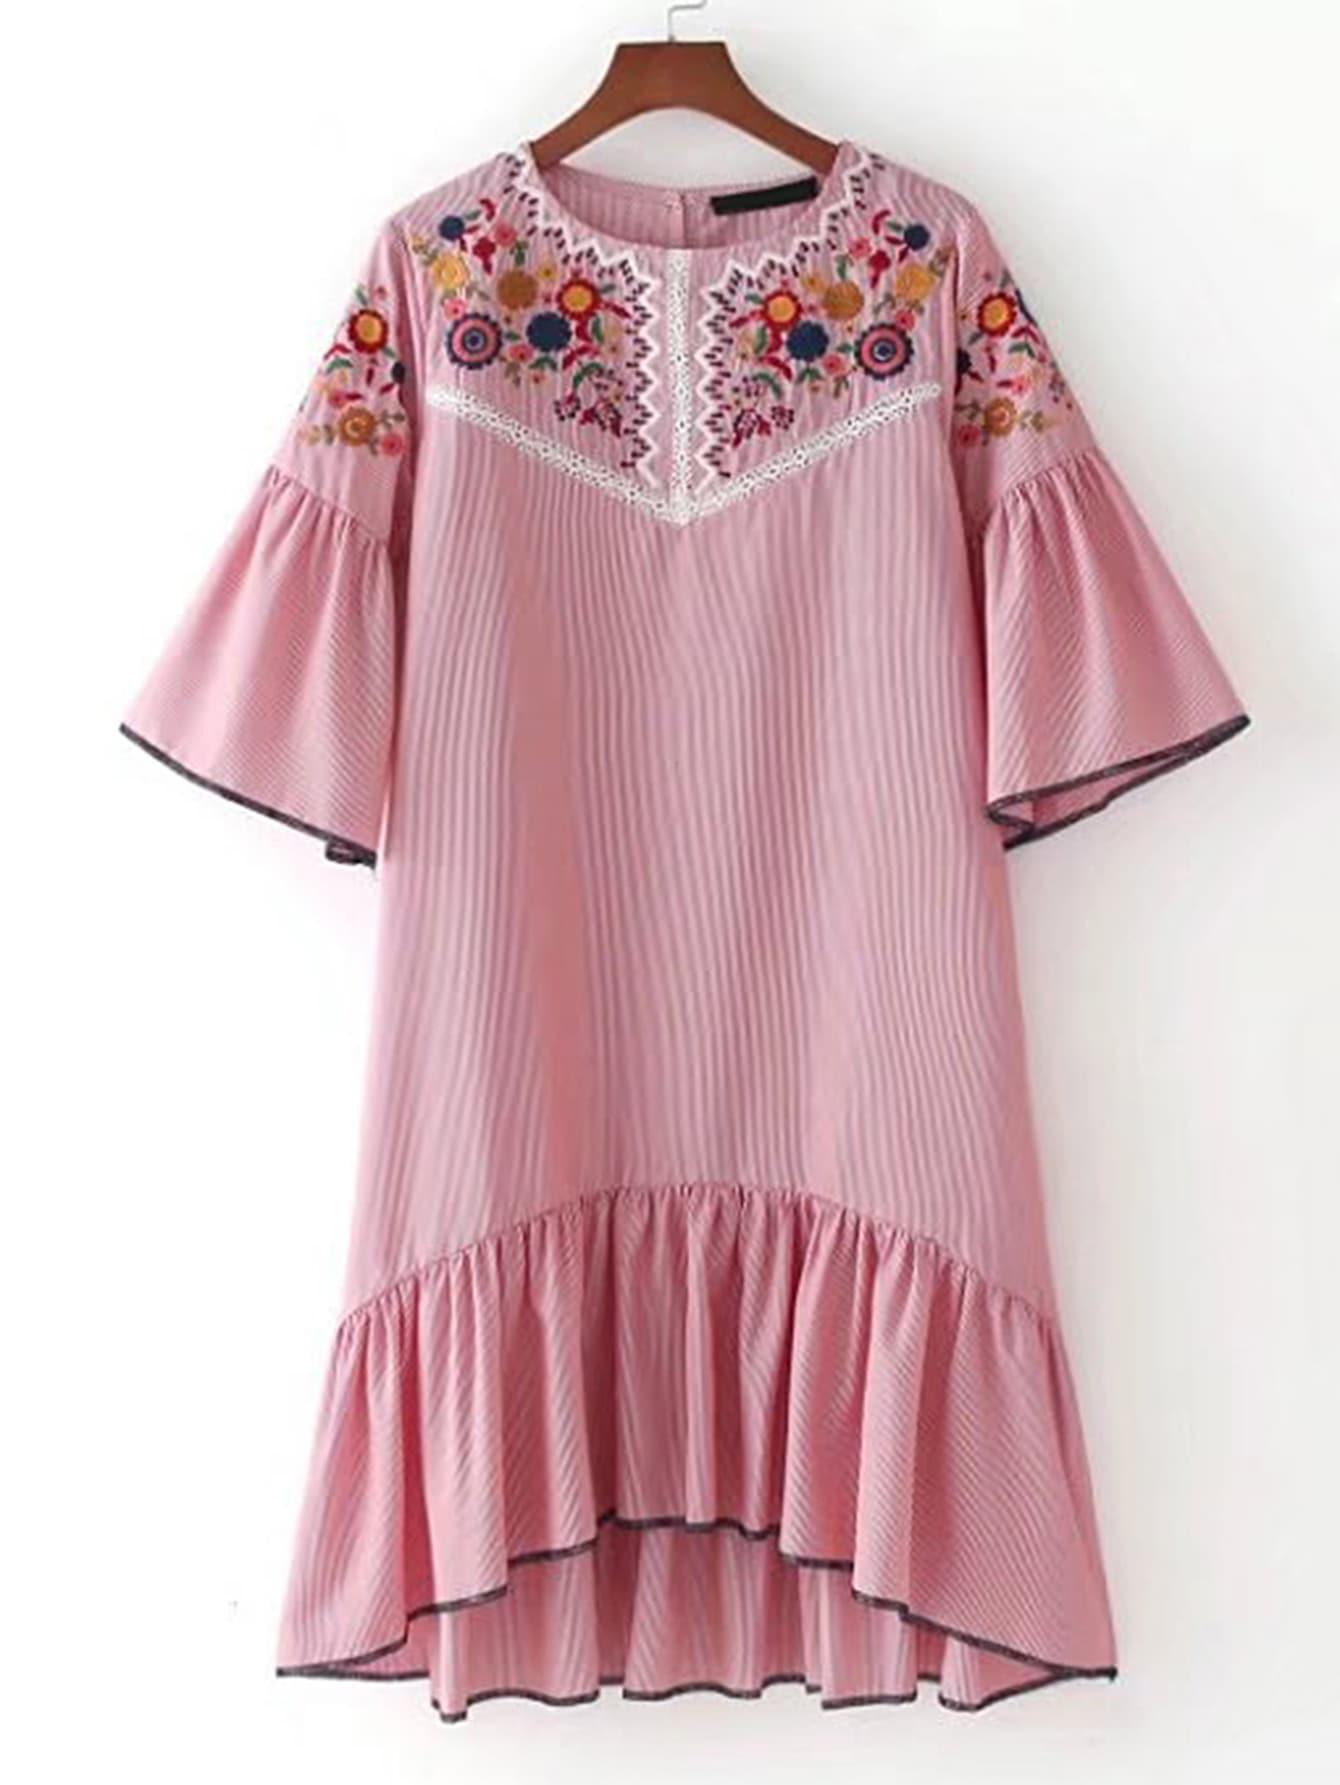 Bell Sleeve Ruffle Hem High Low Dress dress170504205